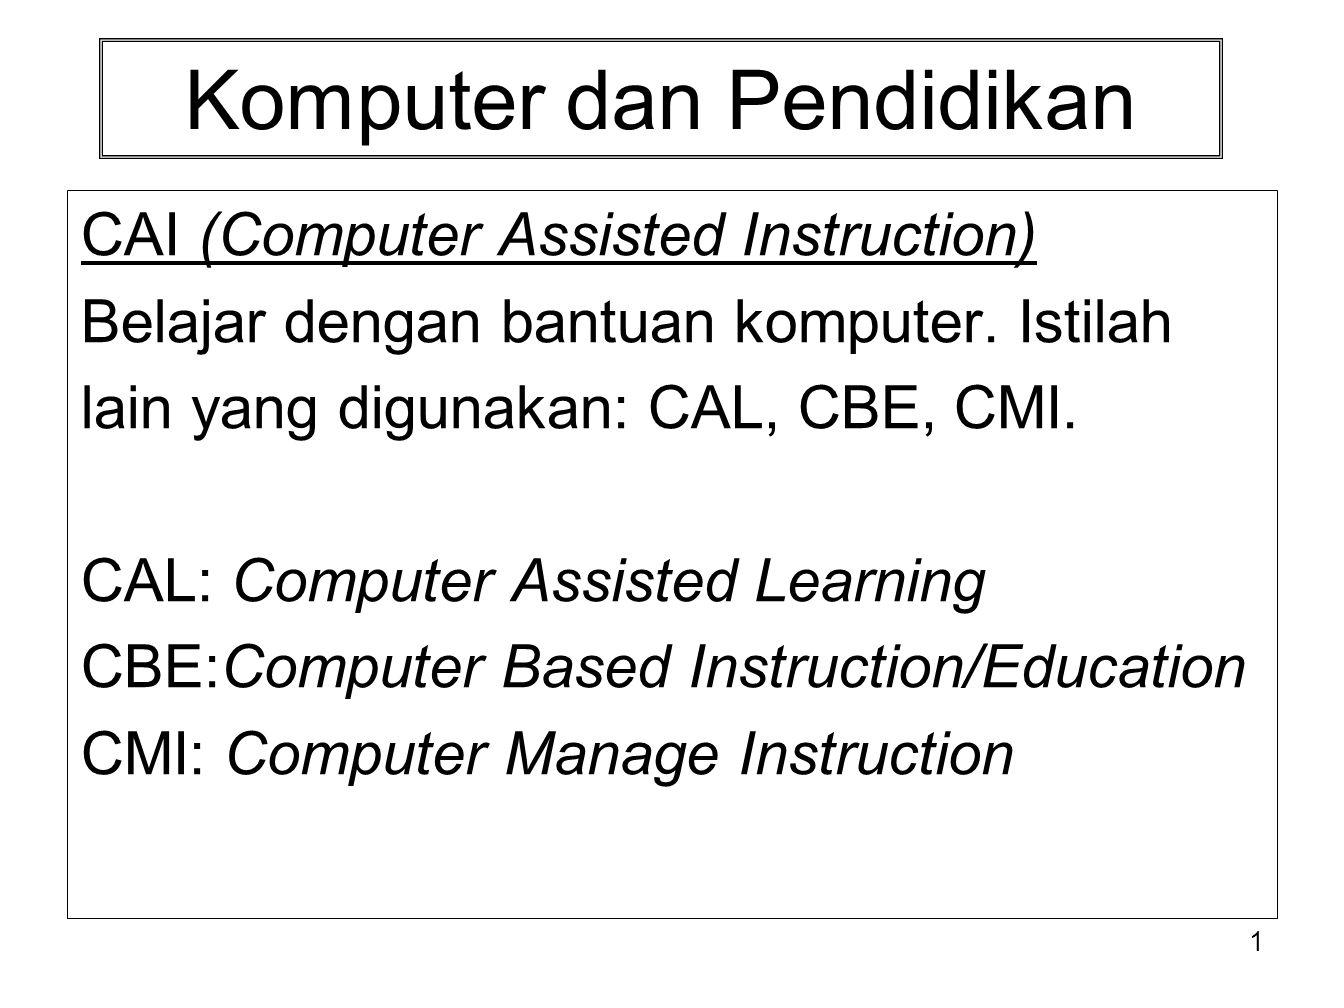 2 CBE Bersifat menyeluruh, semua aplikasi komputer dalam pendidikan dapat dikategorikan dalam bidang ini.